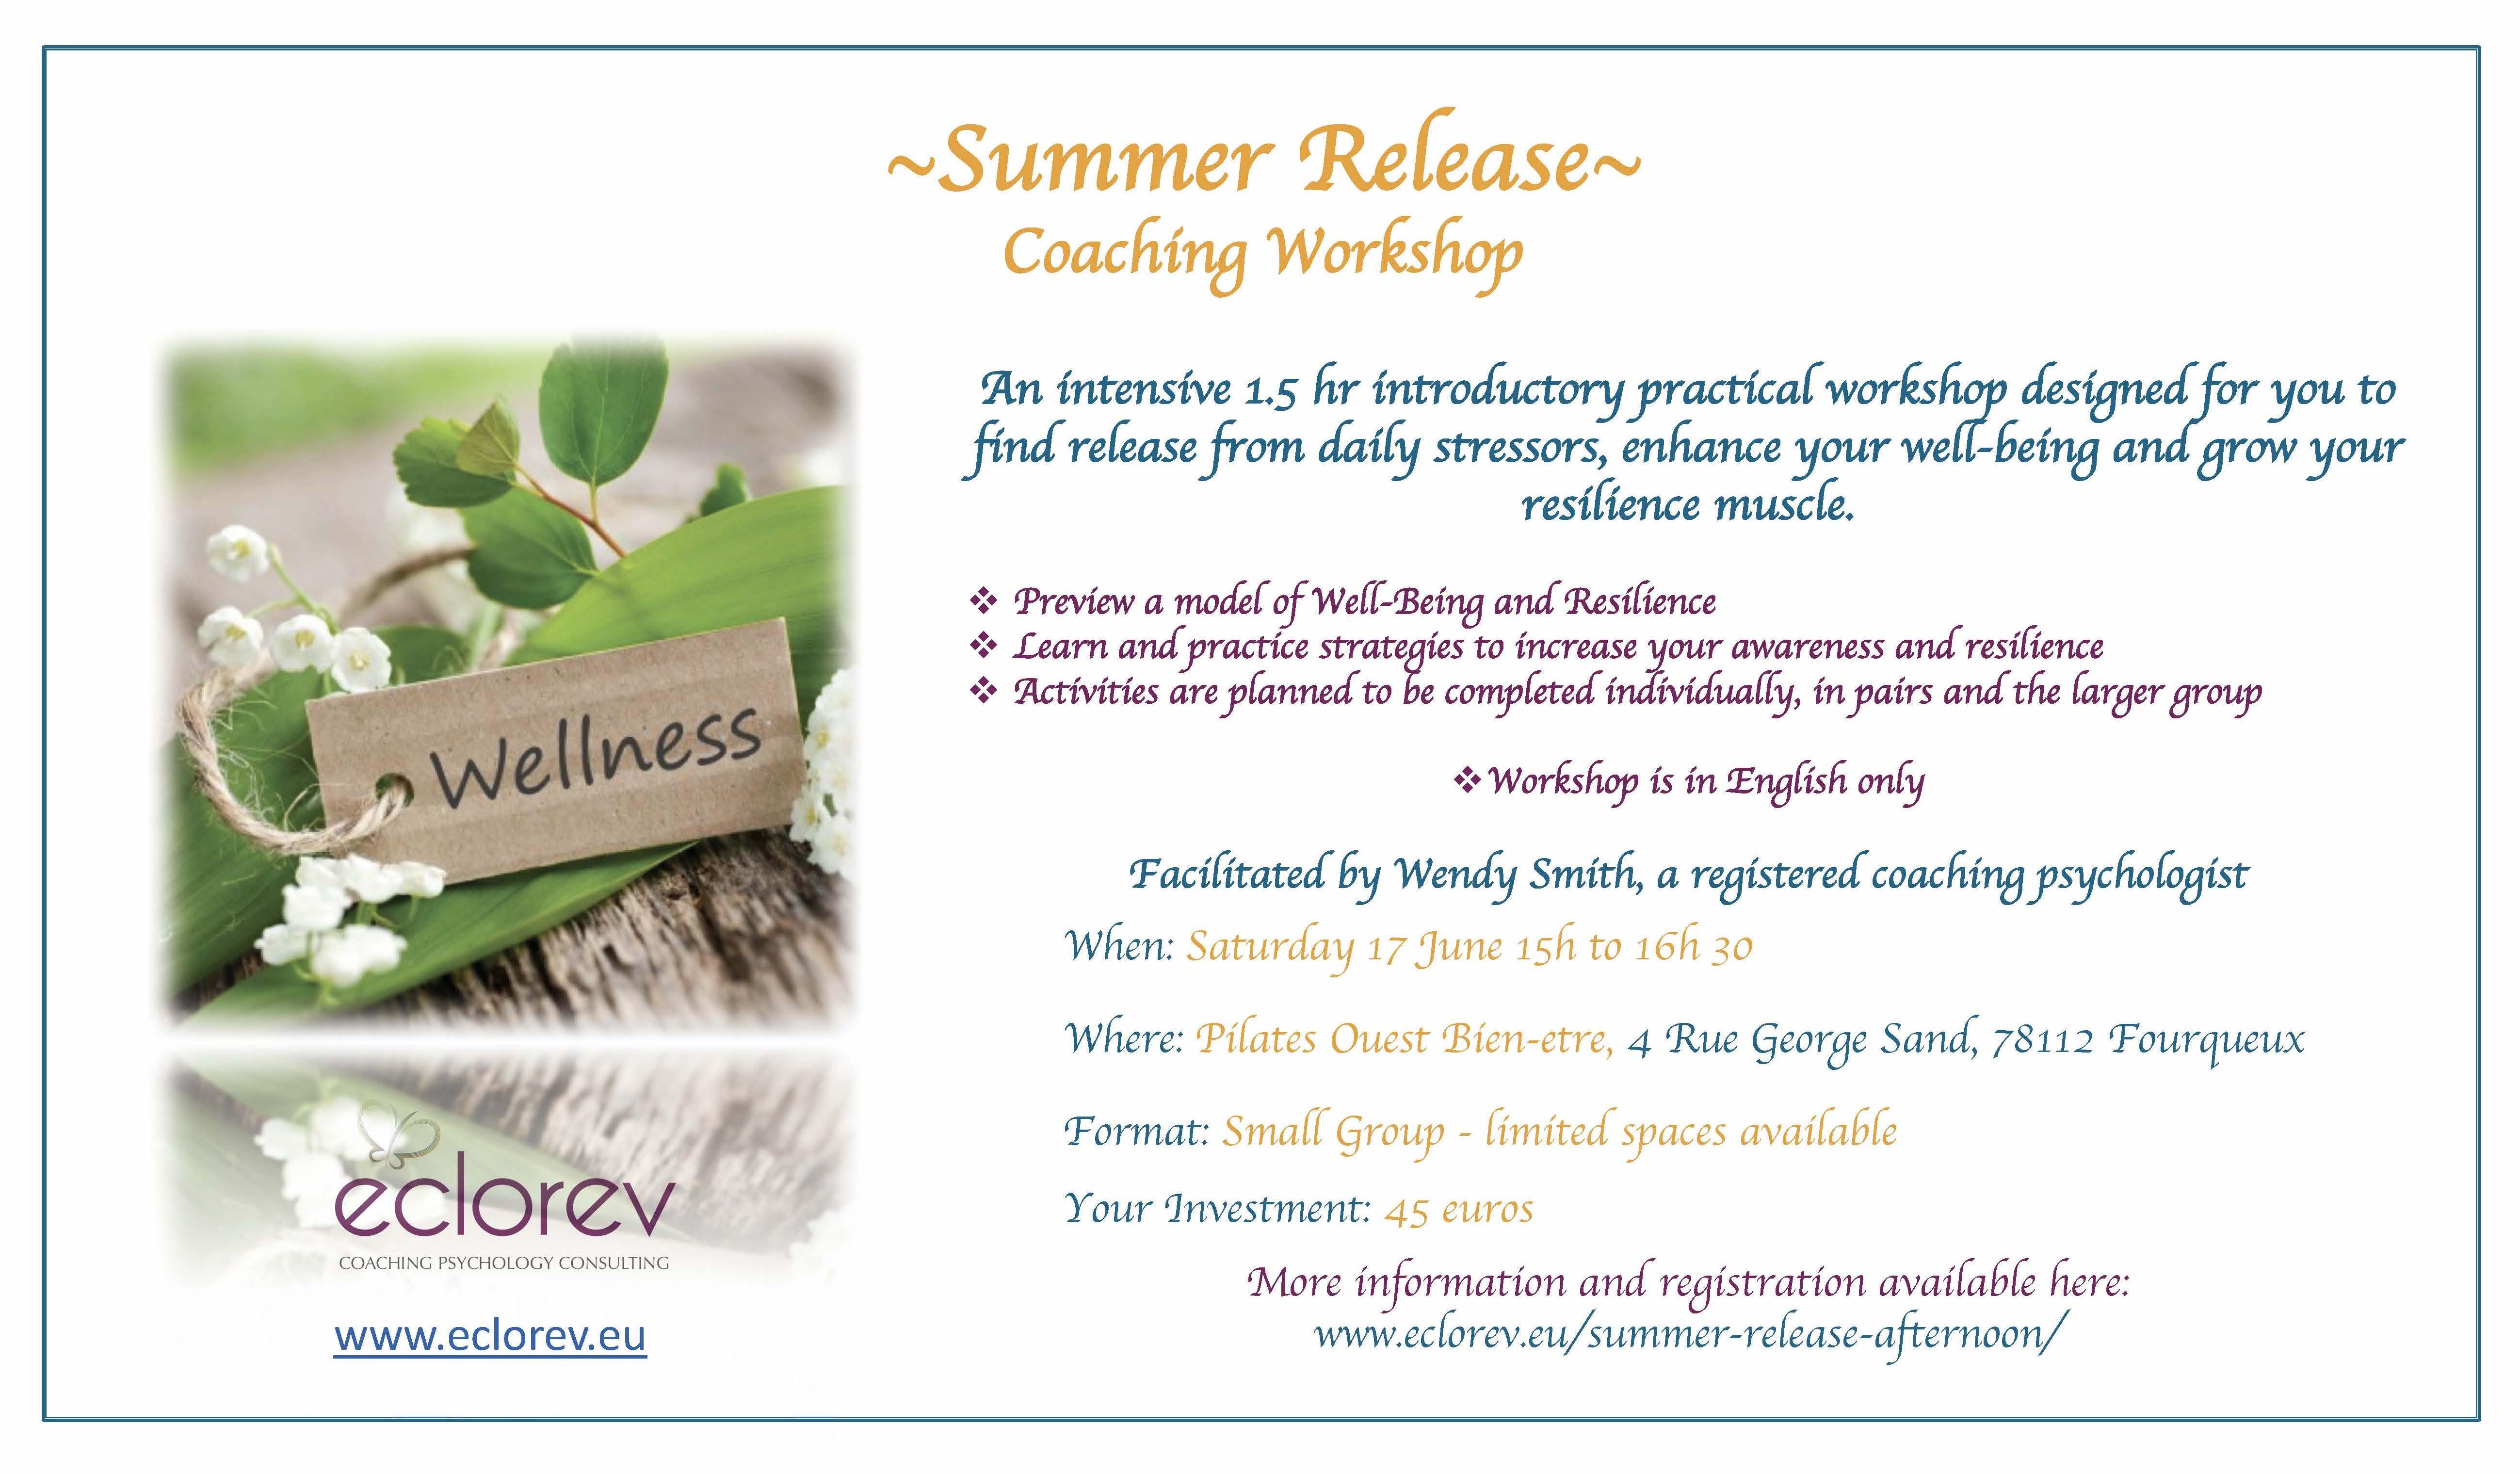 Summer Release Eclorev Workshop